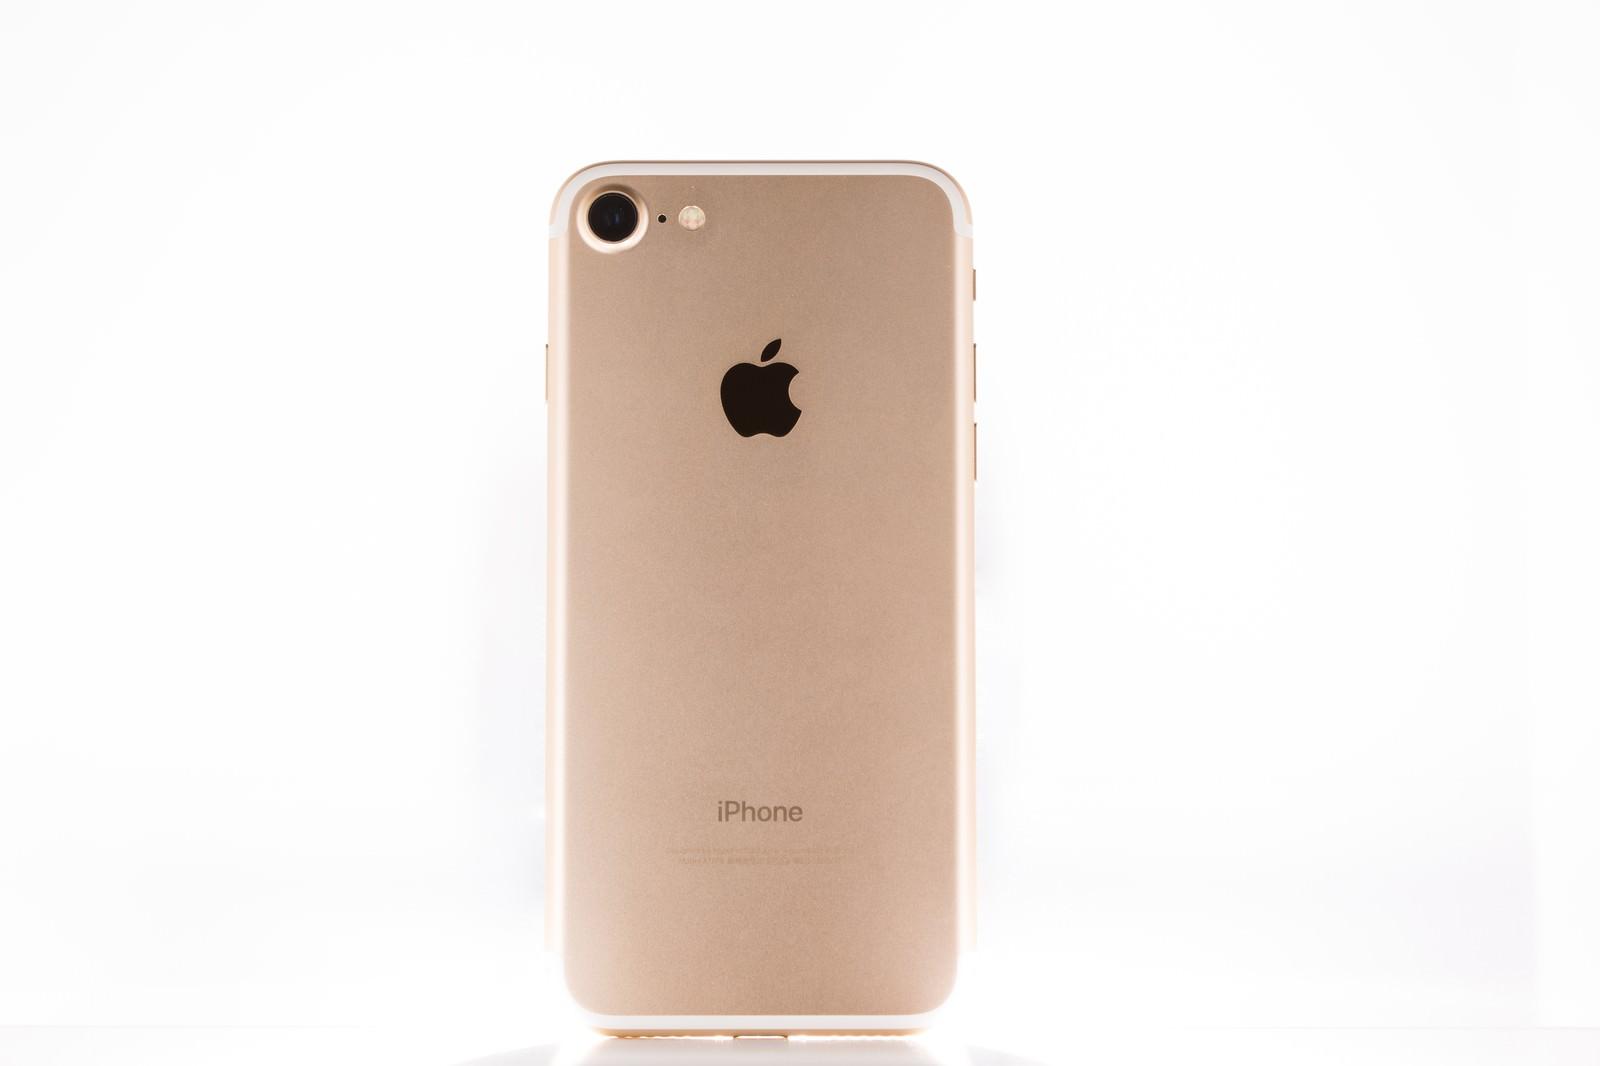 「ゴールド色のスマートフォン」の写真